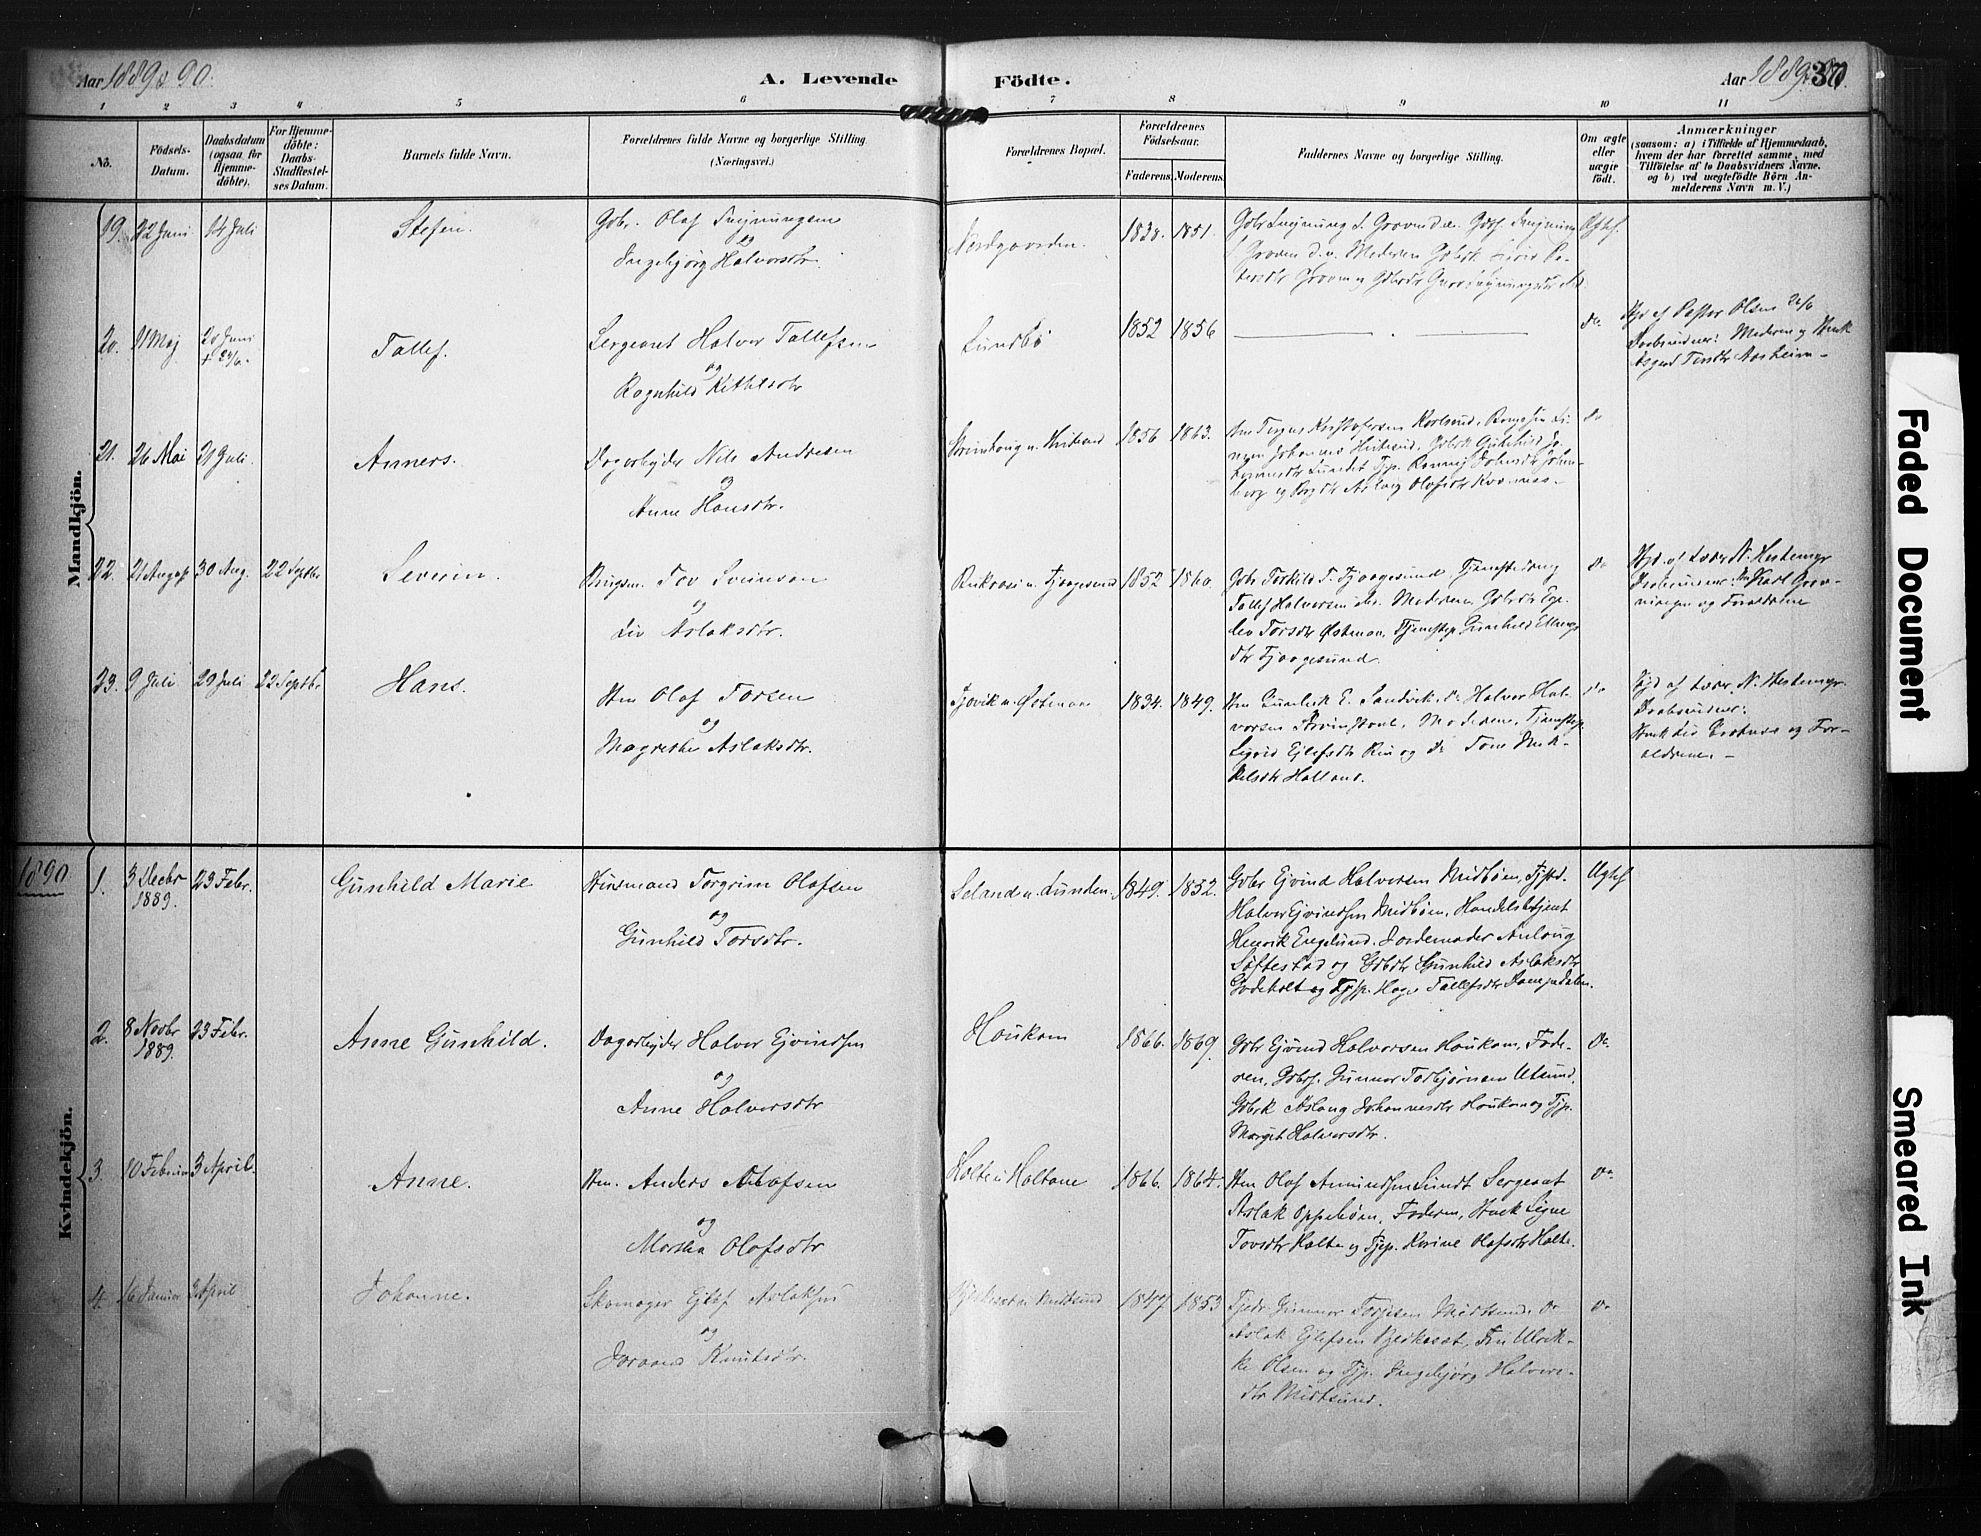 SAKO, Kviteseid kirkebøker, F/Fa/L0008: Ministerialbok nr. I 8, 1882-1903, s. 37